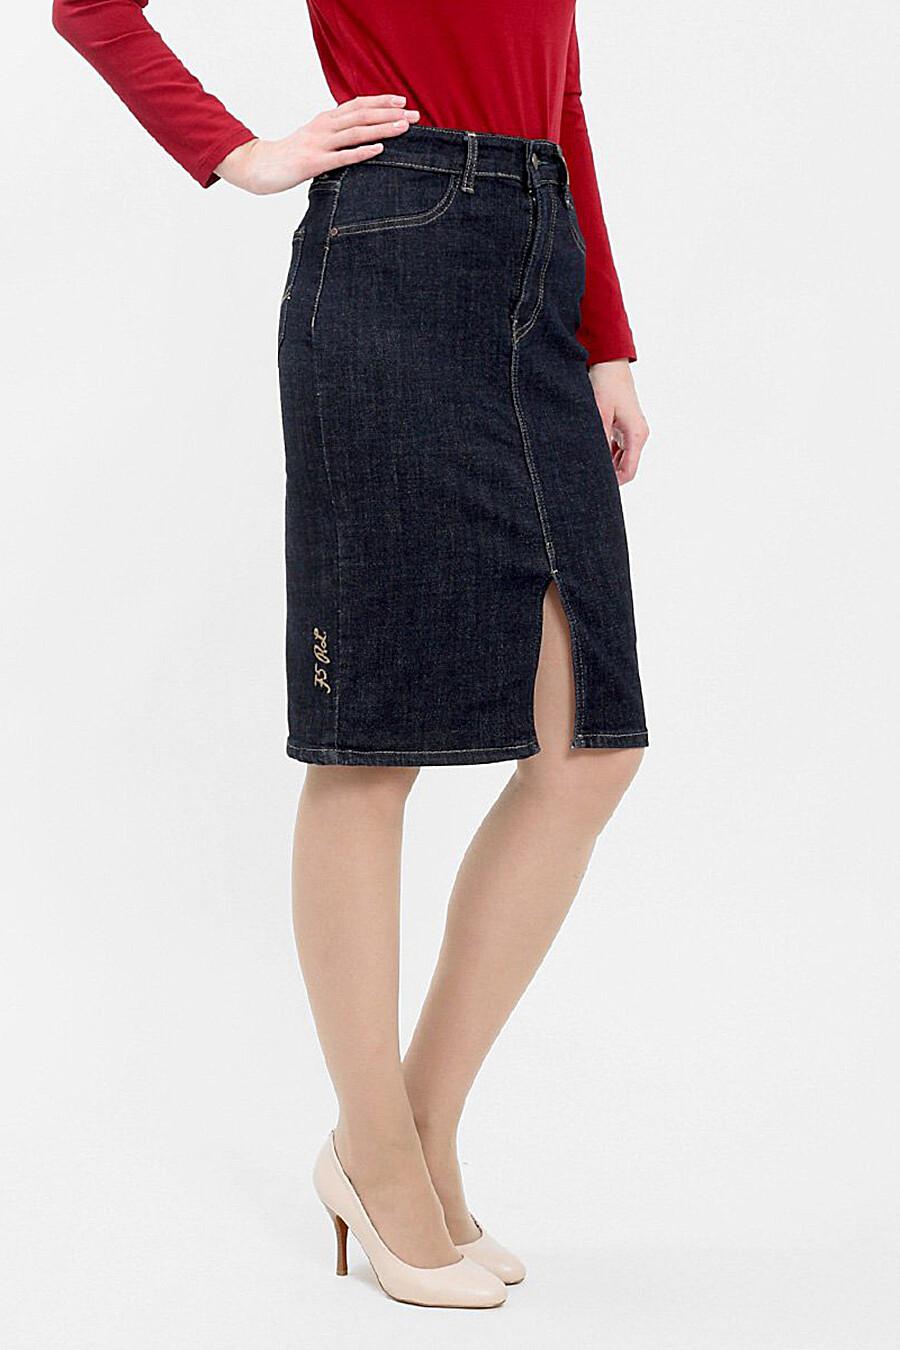 Юбка для женщин F5 161310 купить оптом от производителя. Совместная покупка женской одежды в OptMoyo